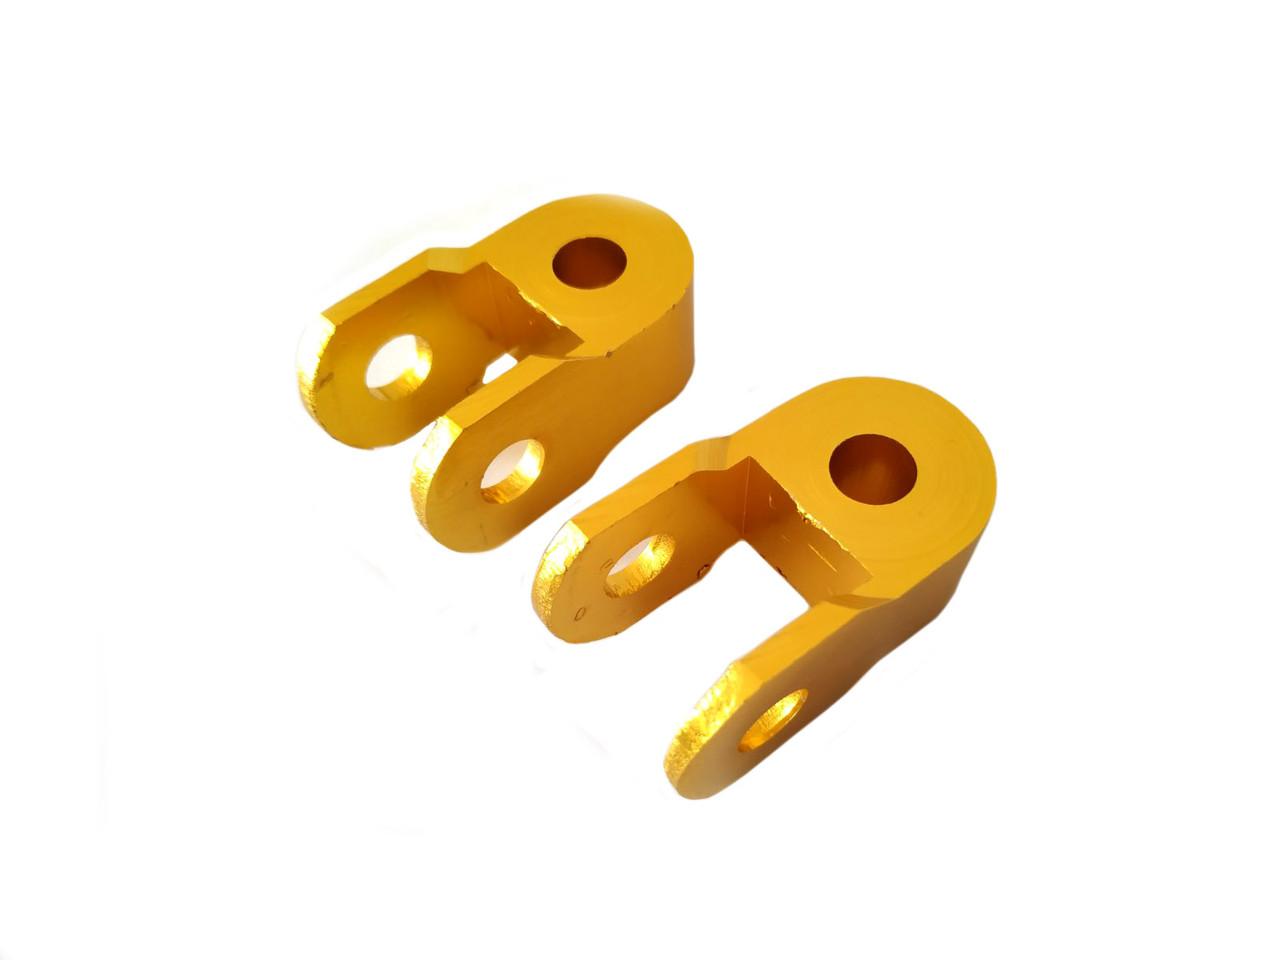 Продовжувачі (удлинители) амортизатора (пара) 3см, Ø10мм (жовті) RIDE